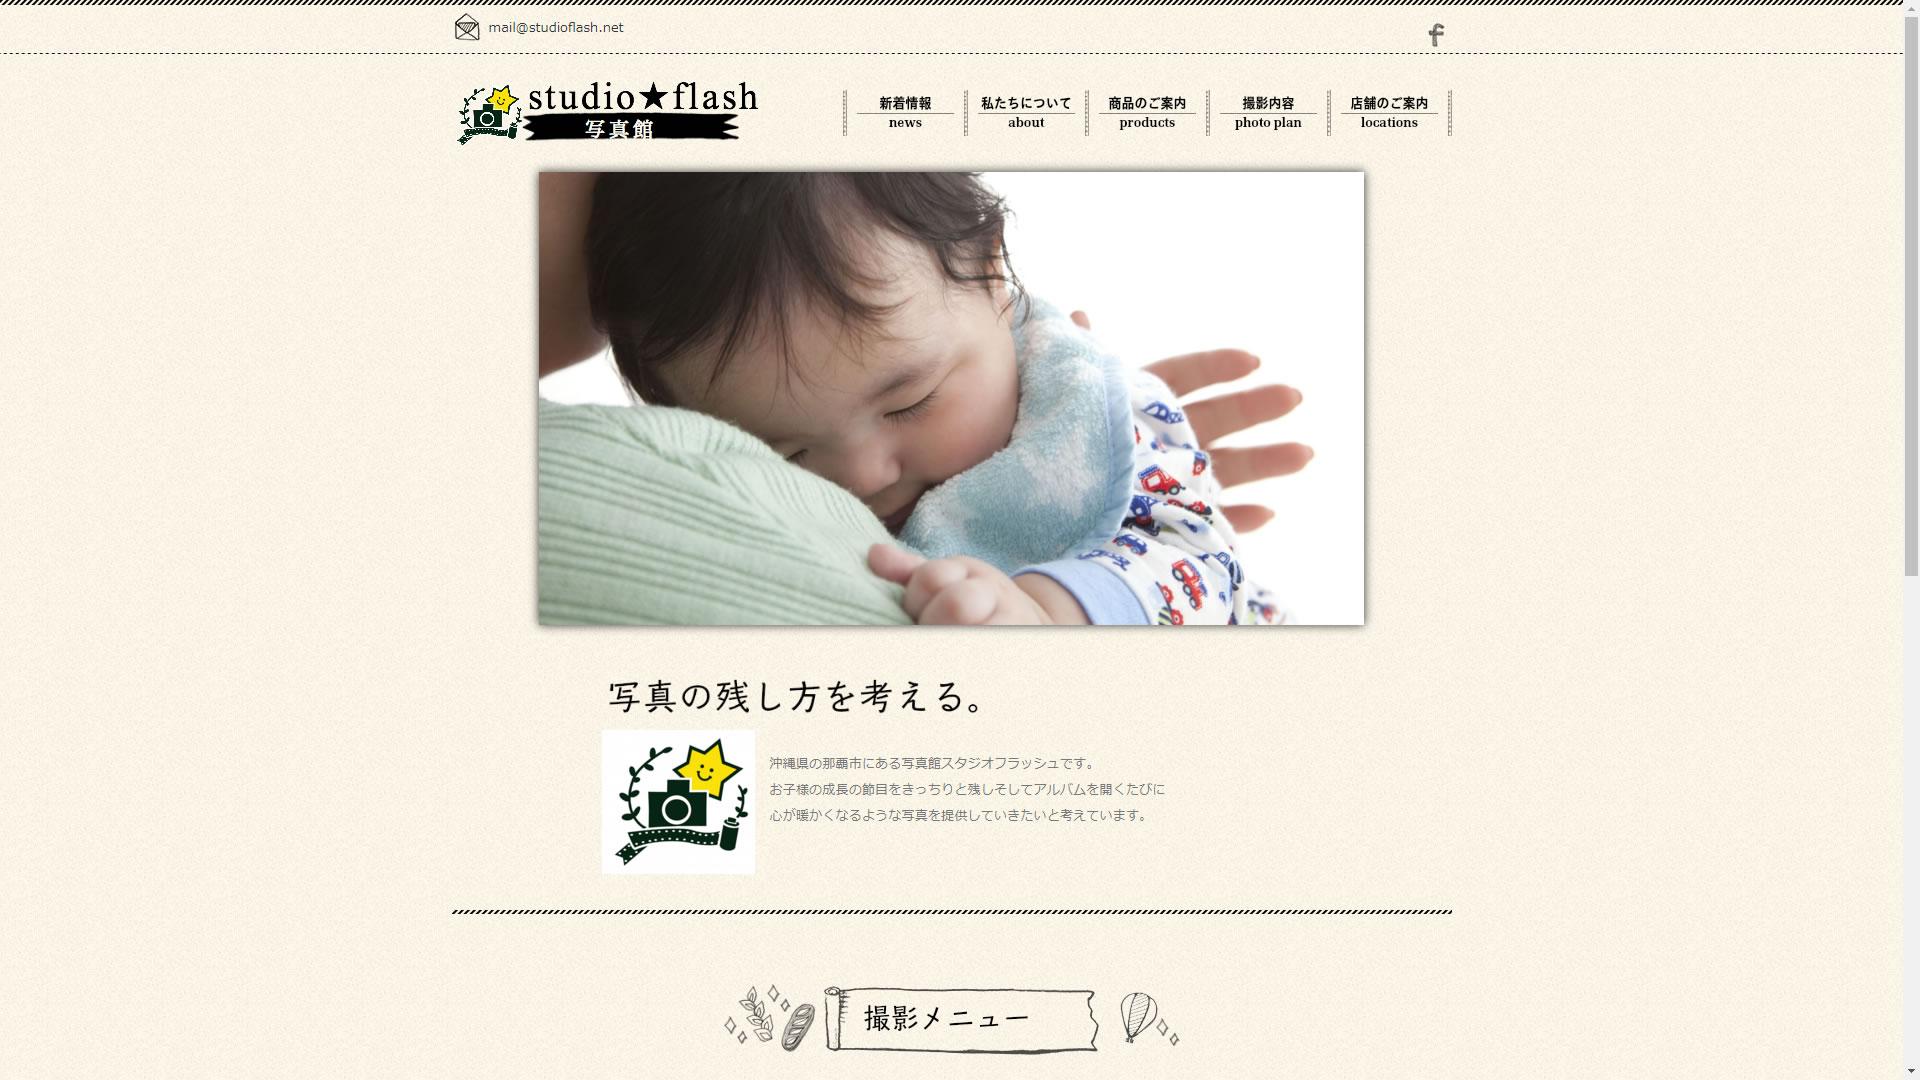 沖縄県那覇市にある写真館スタジオフラッシュのサイト of 沖縄の写真館スタジオフラッシュです。